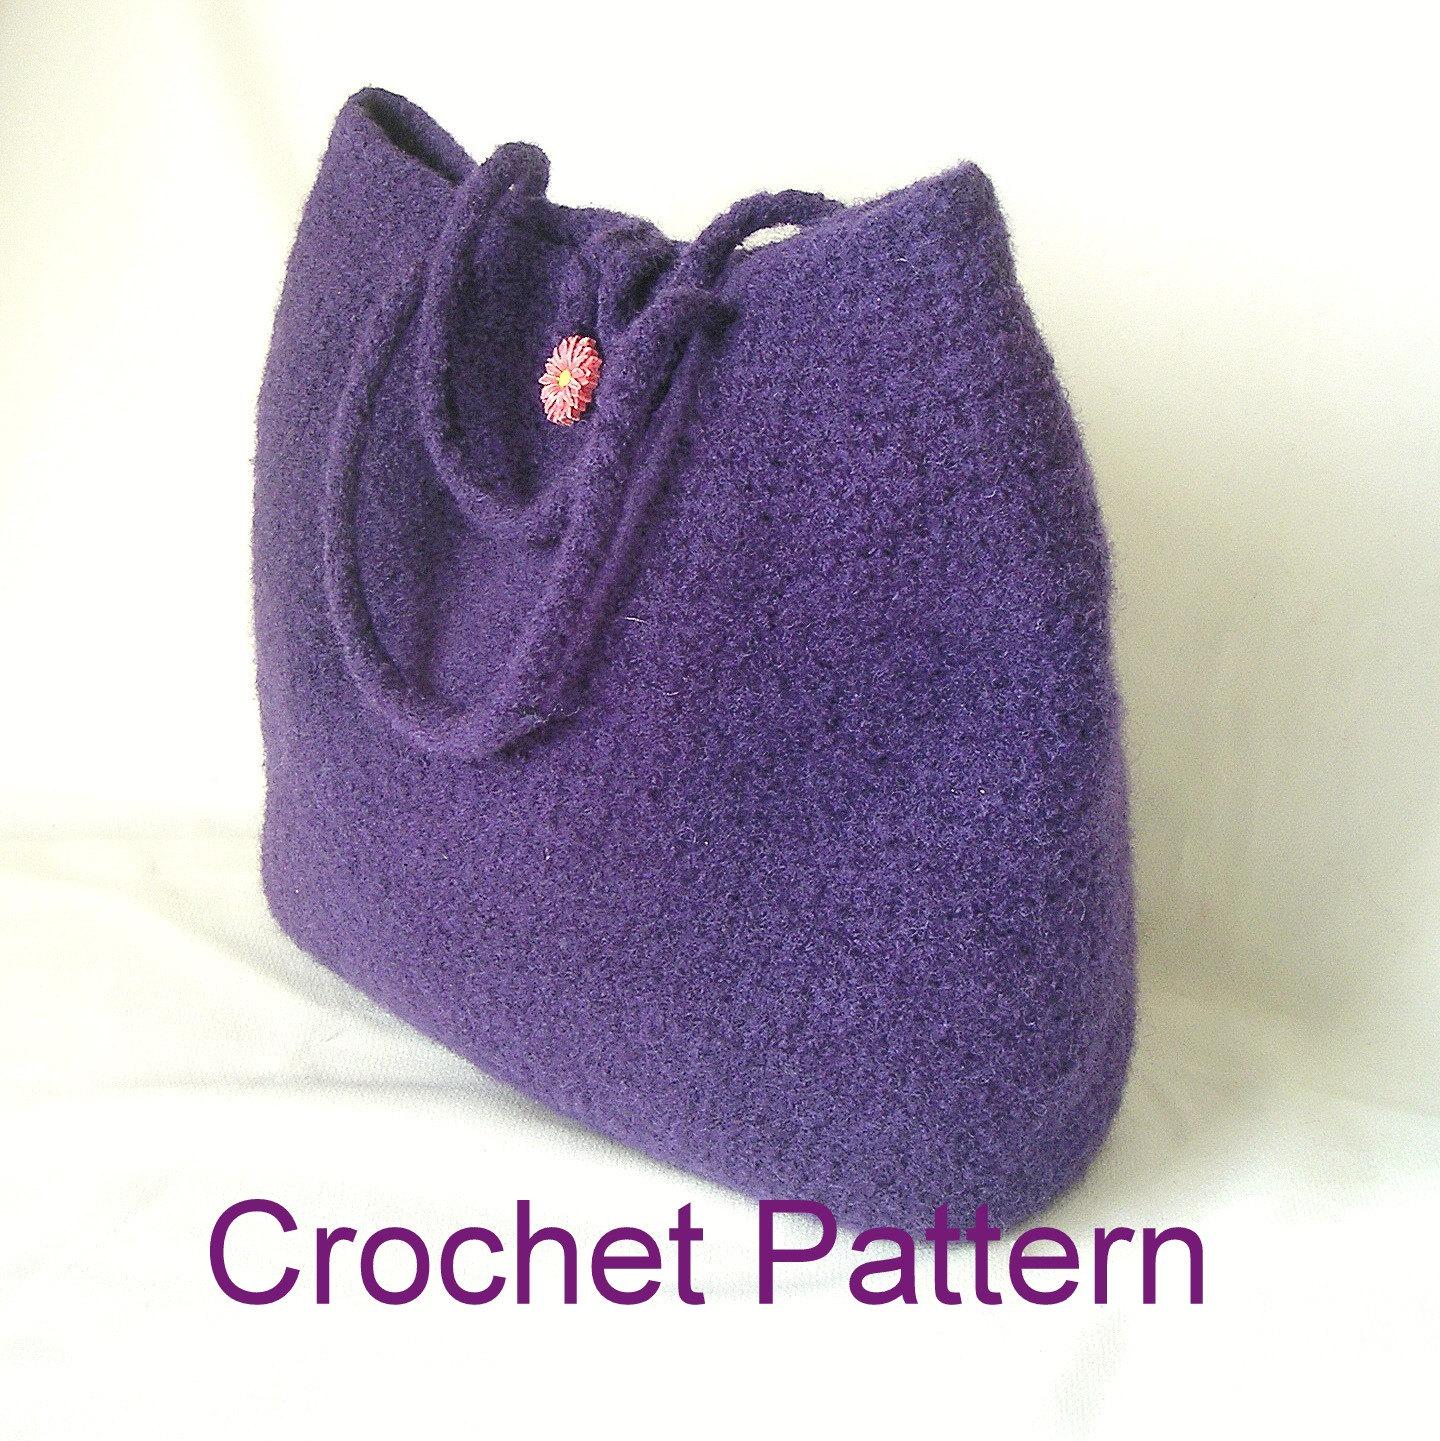 How to Make Crochet Felted Bag Pattern Tutorial Easy Crochet